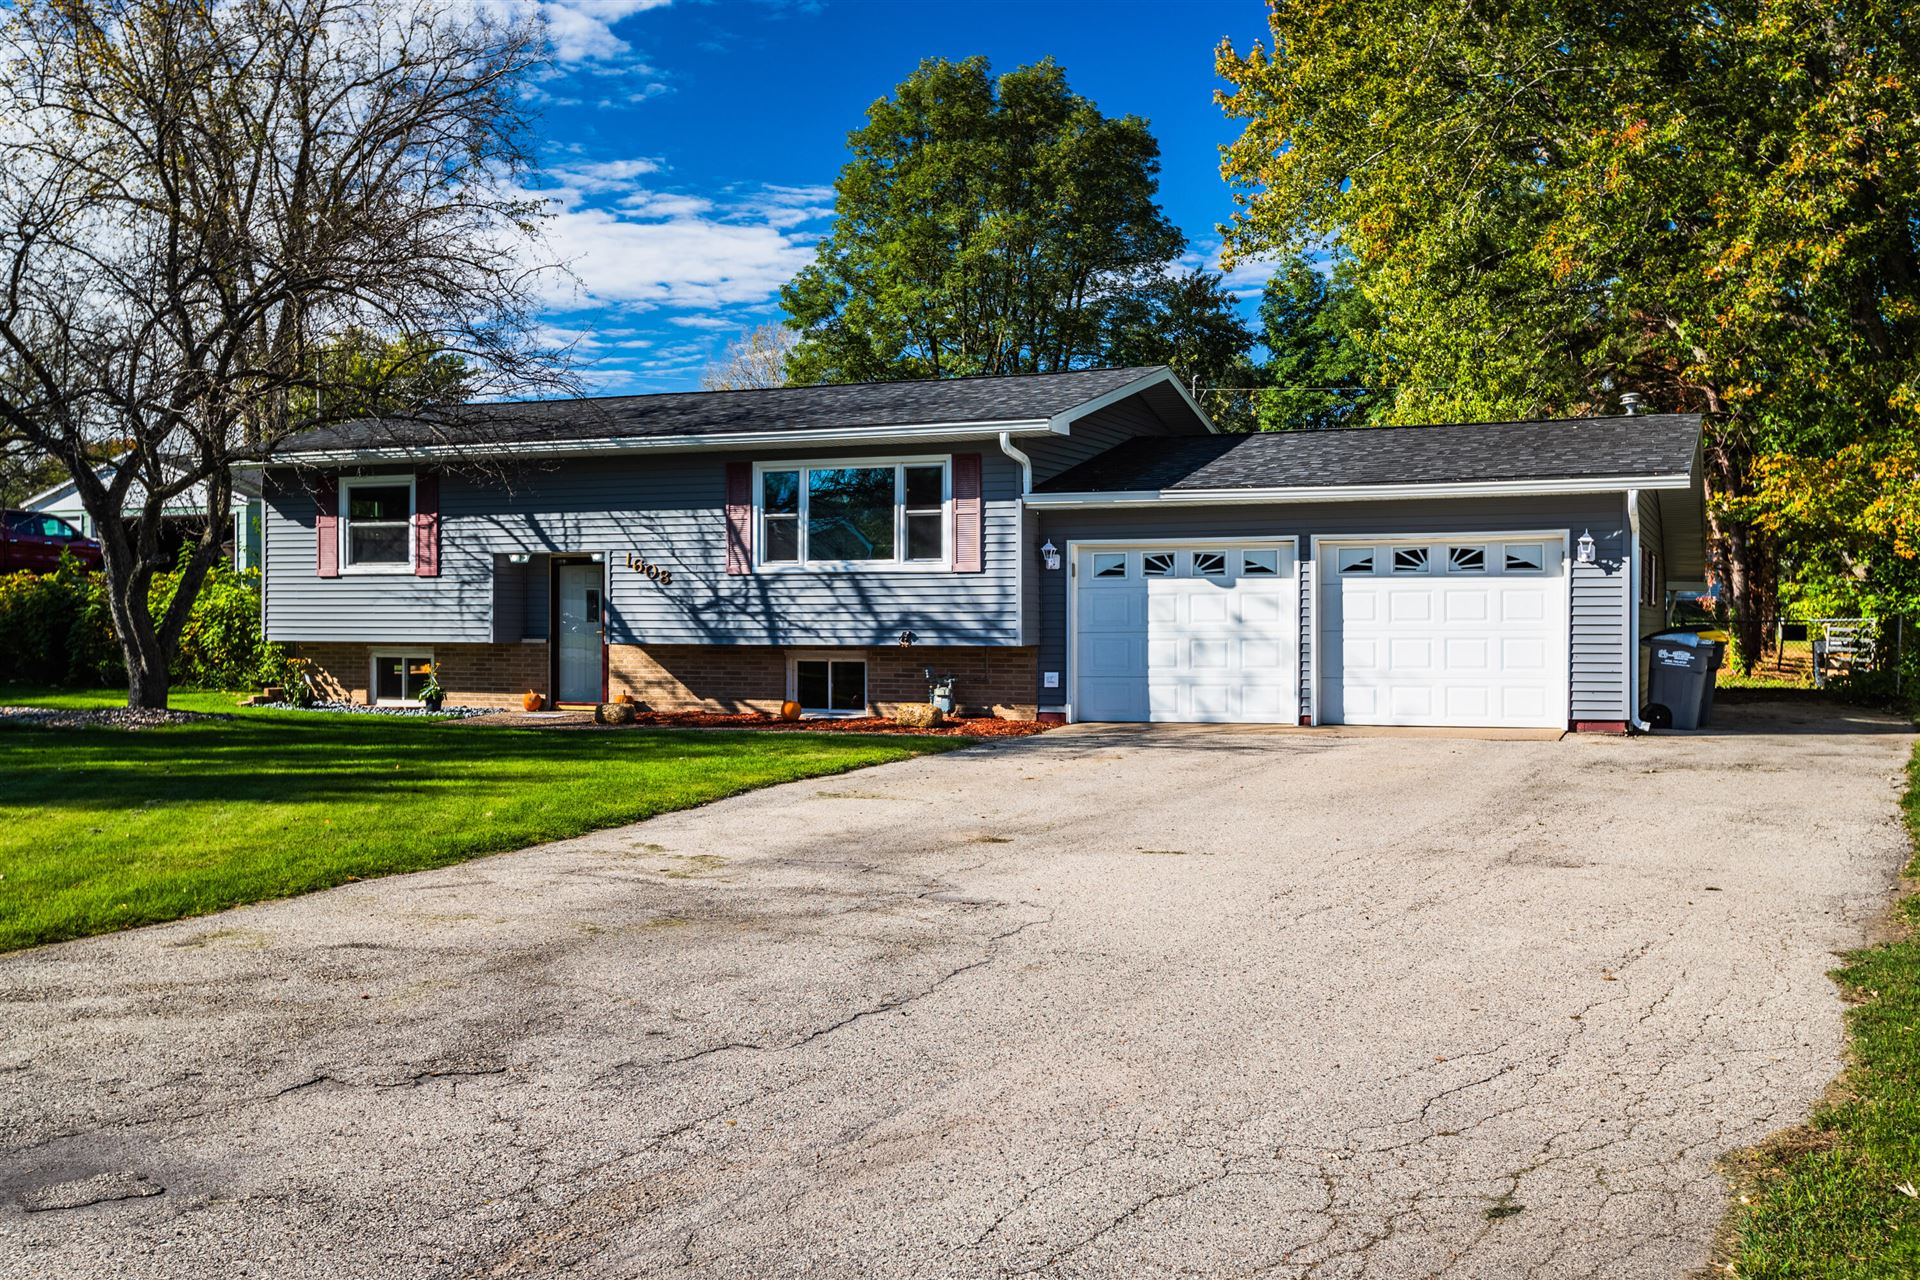 1608 Holley St, Holmen, WI 54636 - MLS#: 1768167